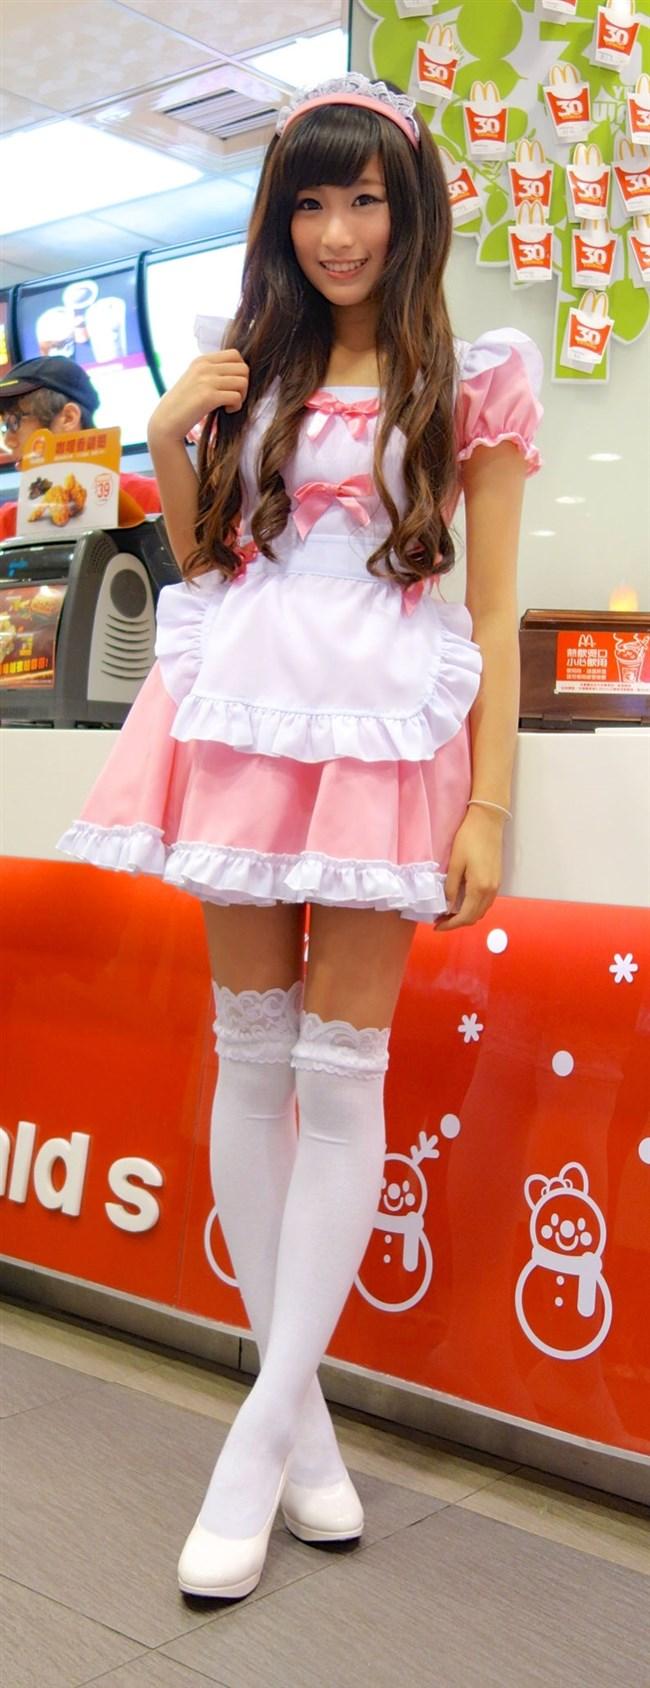 台湾のマック店員が可愛すぎて日本人女性涙目wwww0002shikogin